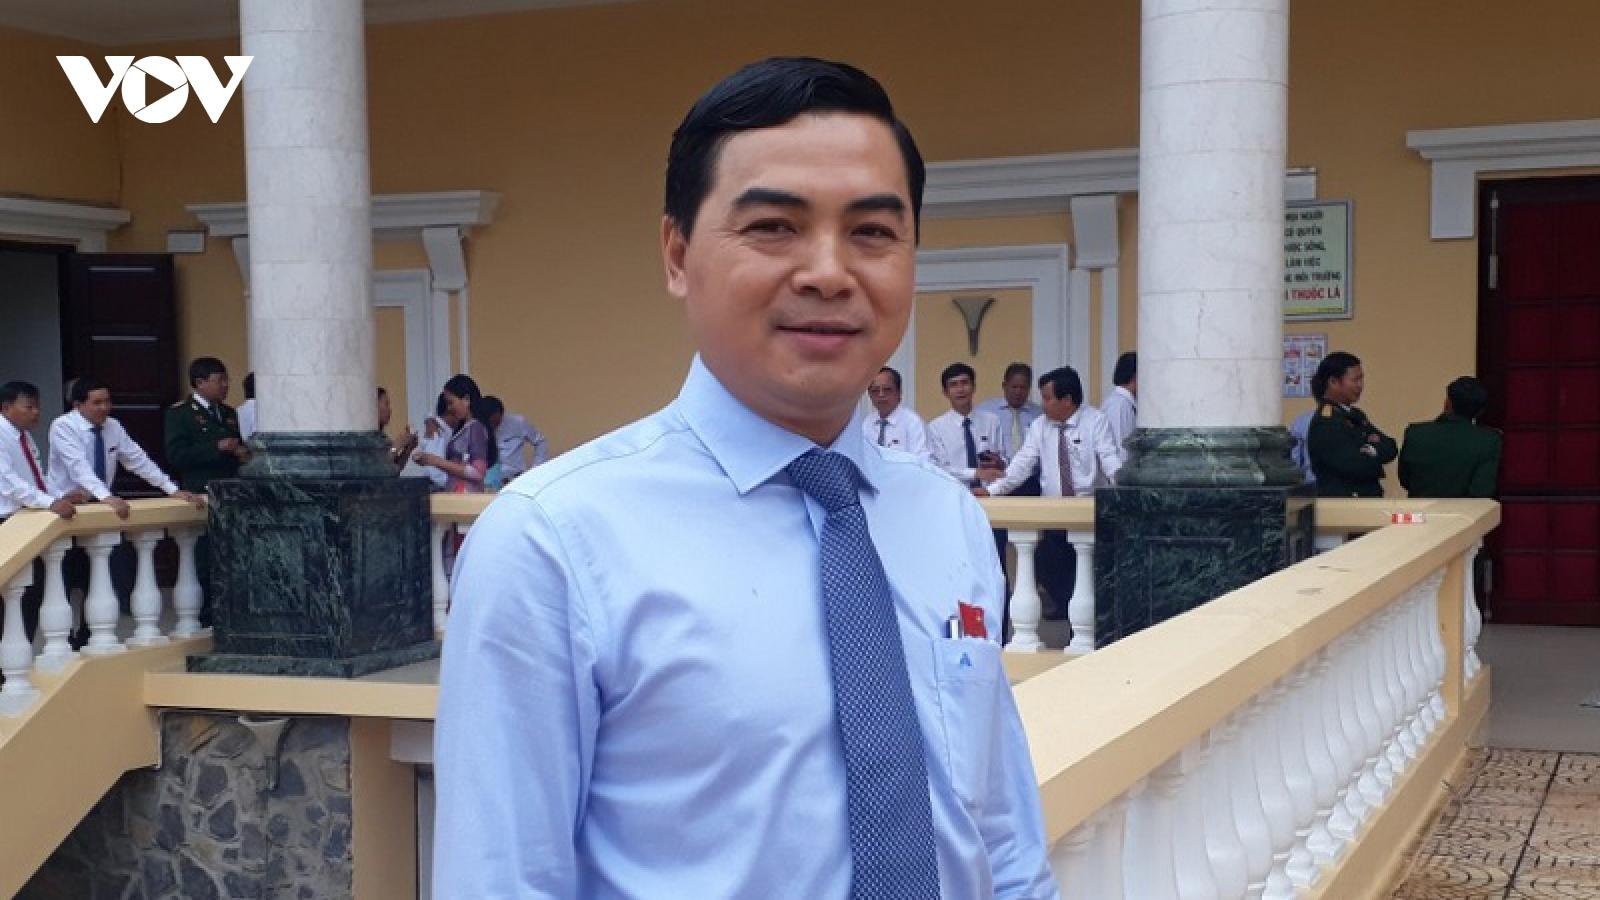 Ông Nguyễn Hoài Anh được bầu giữ chức Chủ tịch HĐND tỉnh Bình Thuận